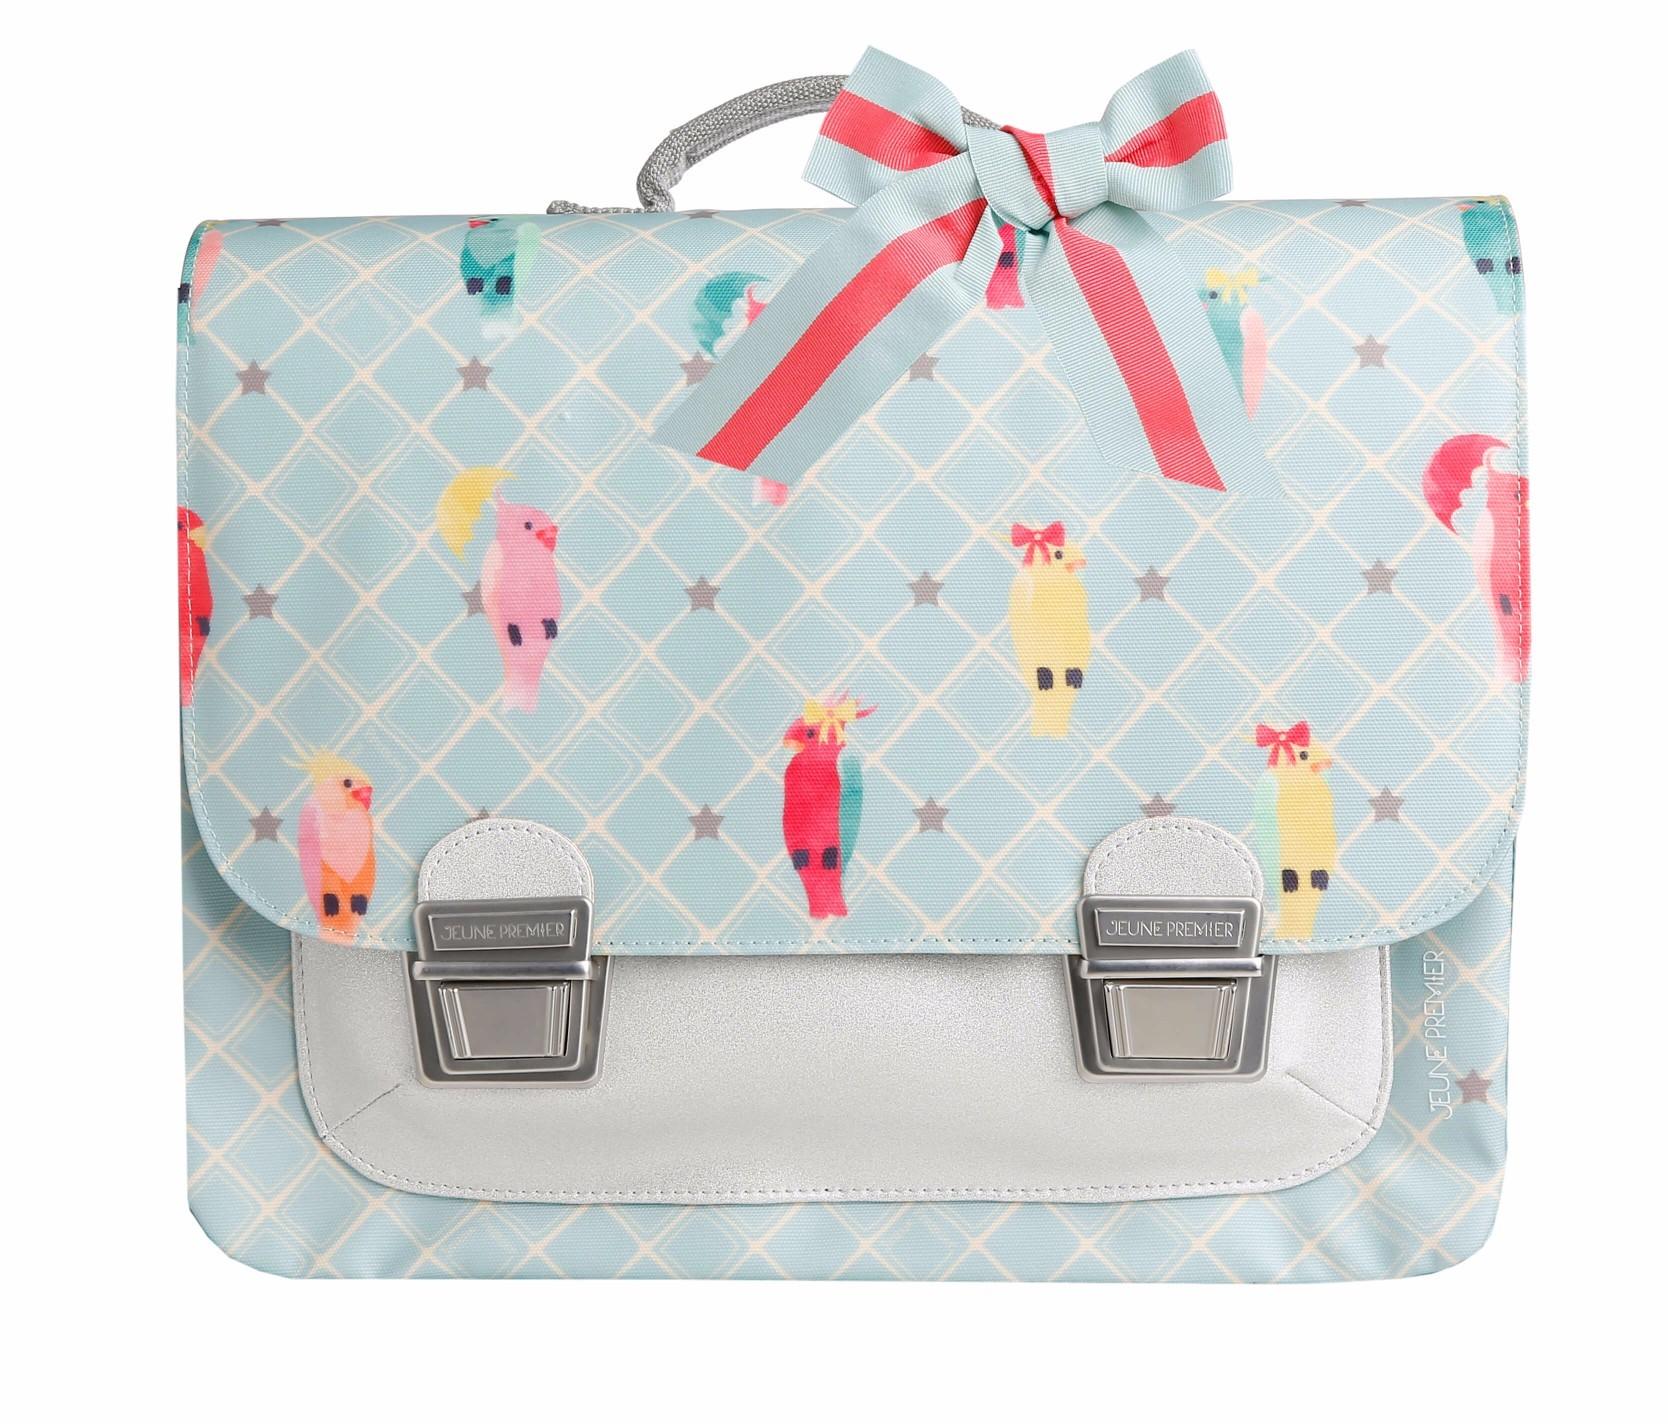 Школьный портфель для девочки Jeune Premier Posh Parrots Попугаи Midi , - фото 1